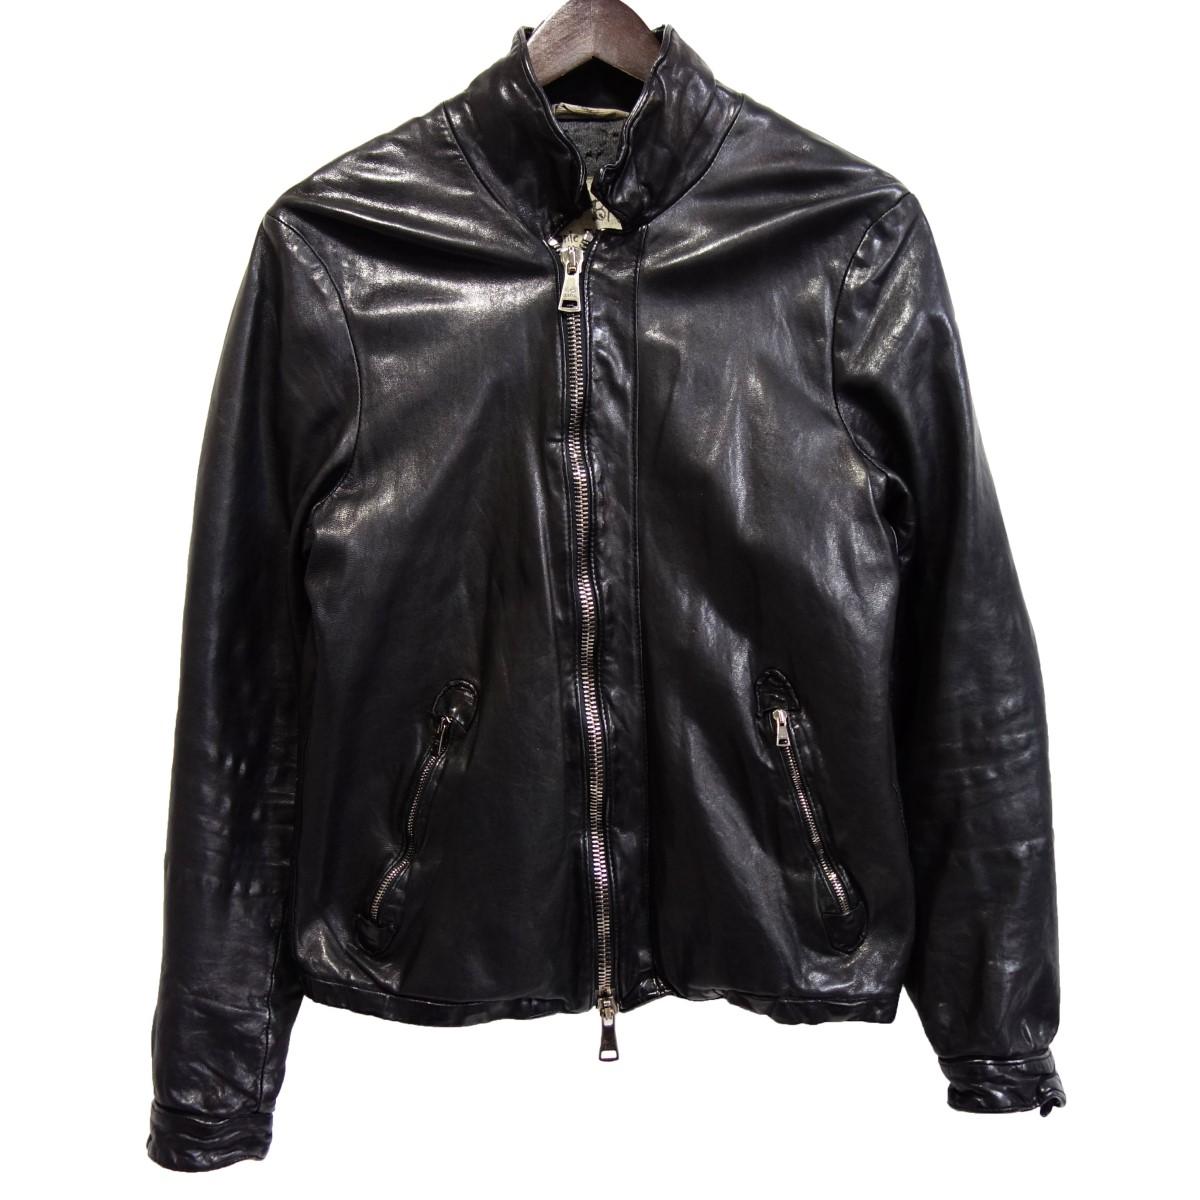 【中古】GIORGIO BRATO ラムレザージャケット ブラック サイズ:46 【170420】(ジョルジオブラット)